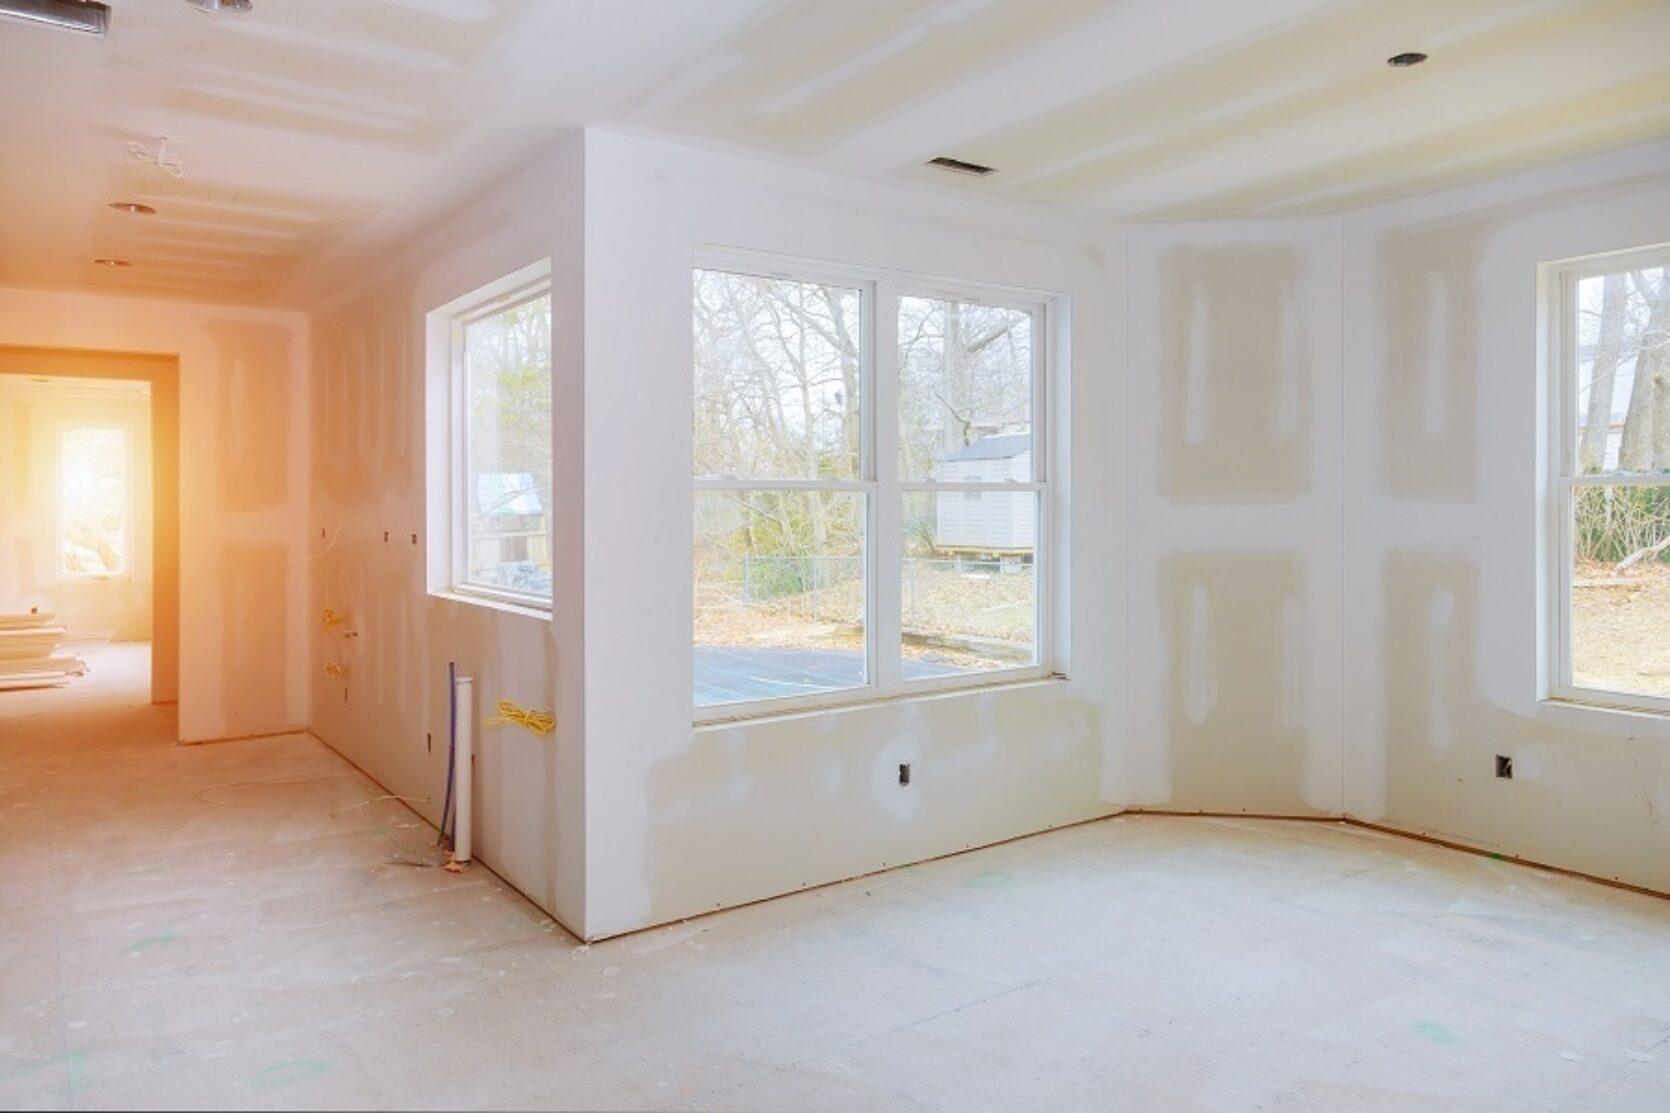 Innendørs i en bolig, umalte veggflater i et nytt tilbygg med store vinduer